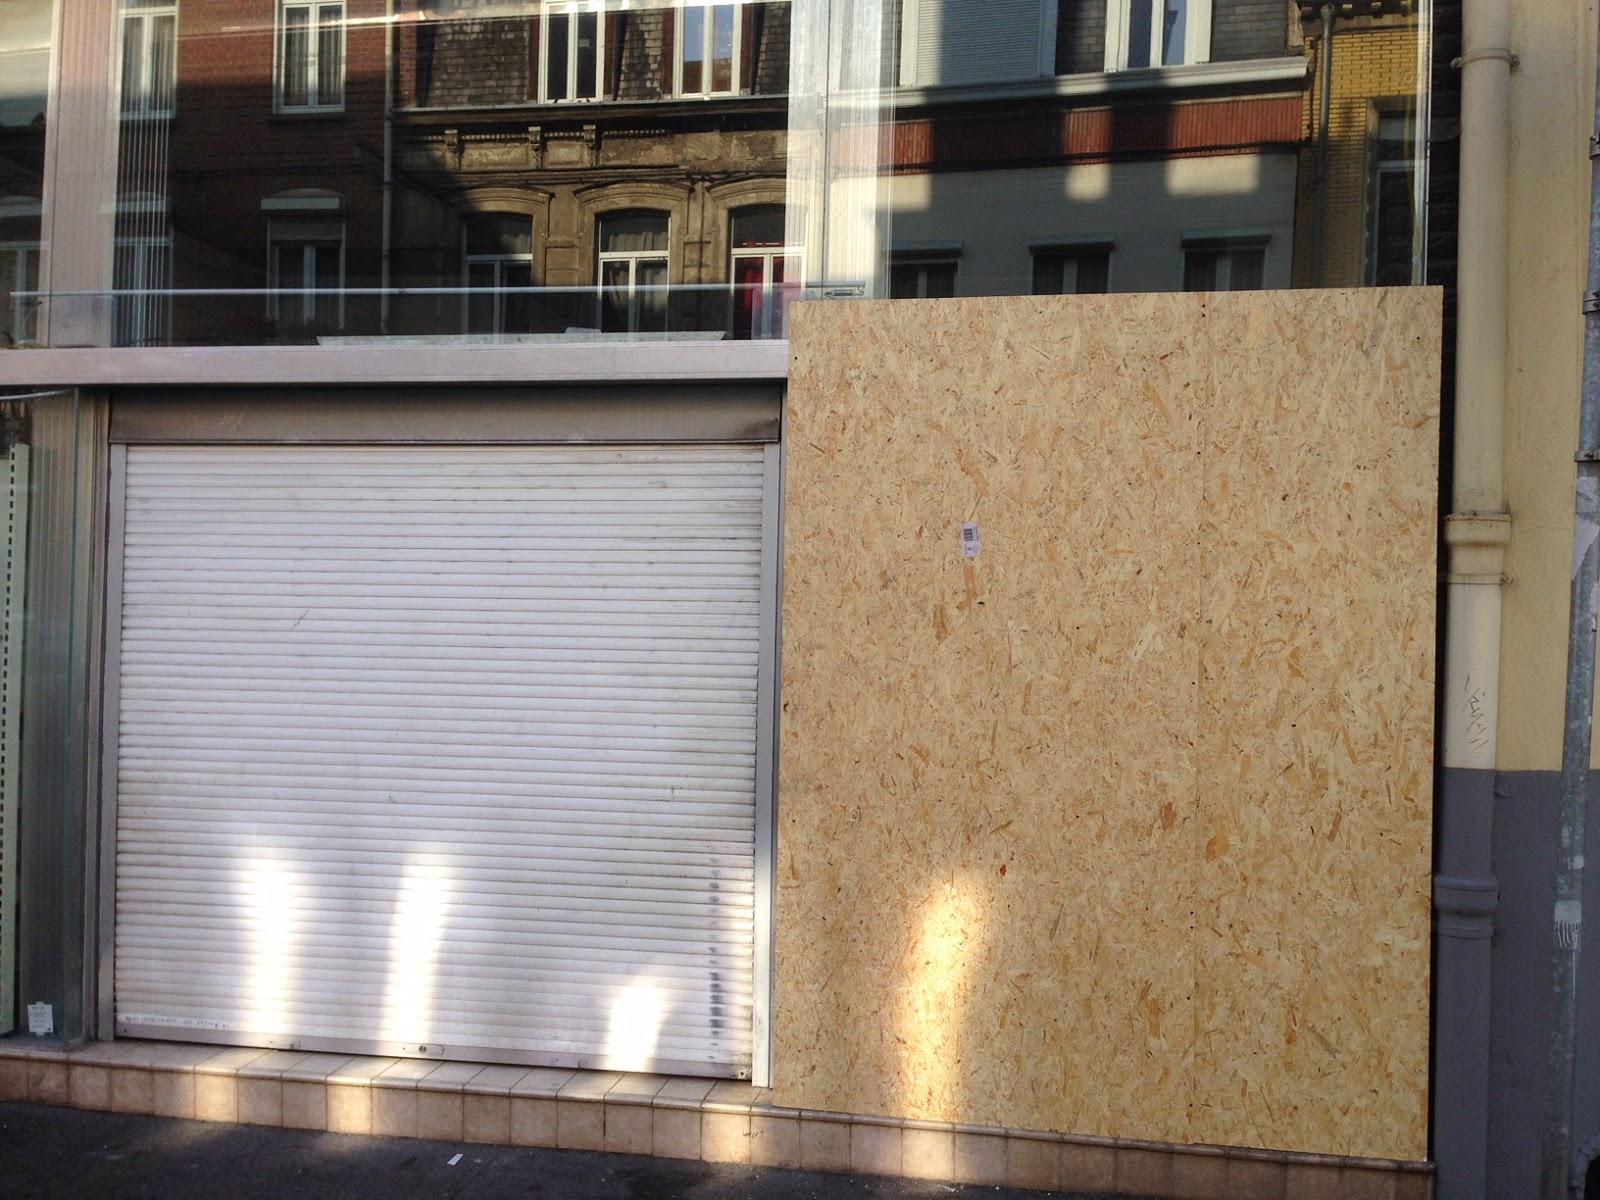 Fermeture provisoire d'une vitrine de magasin